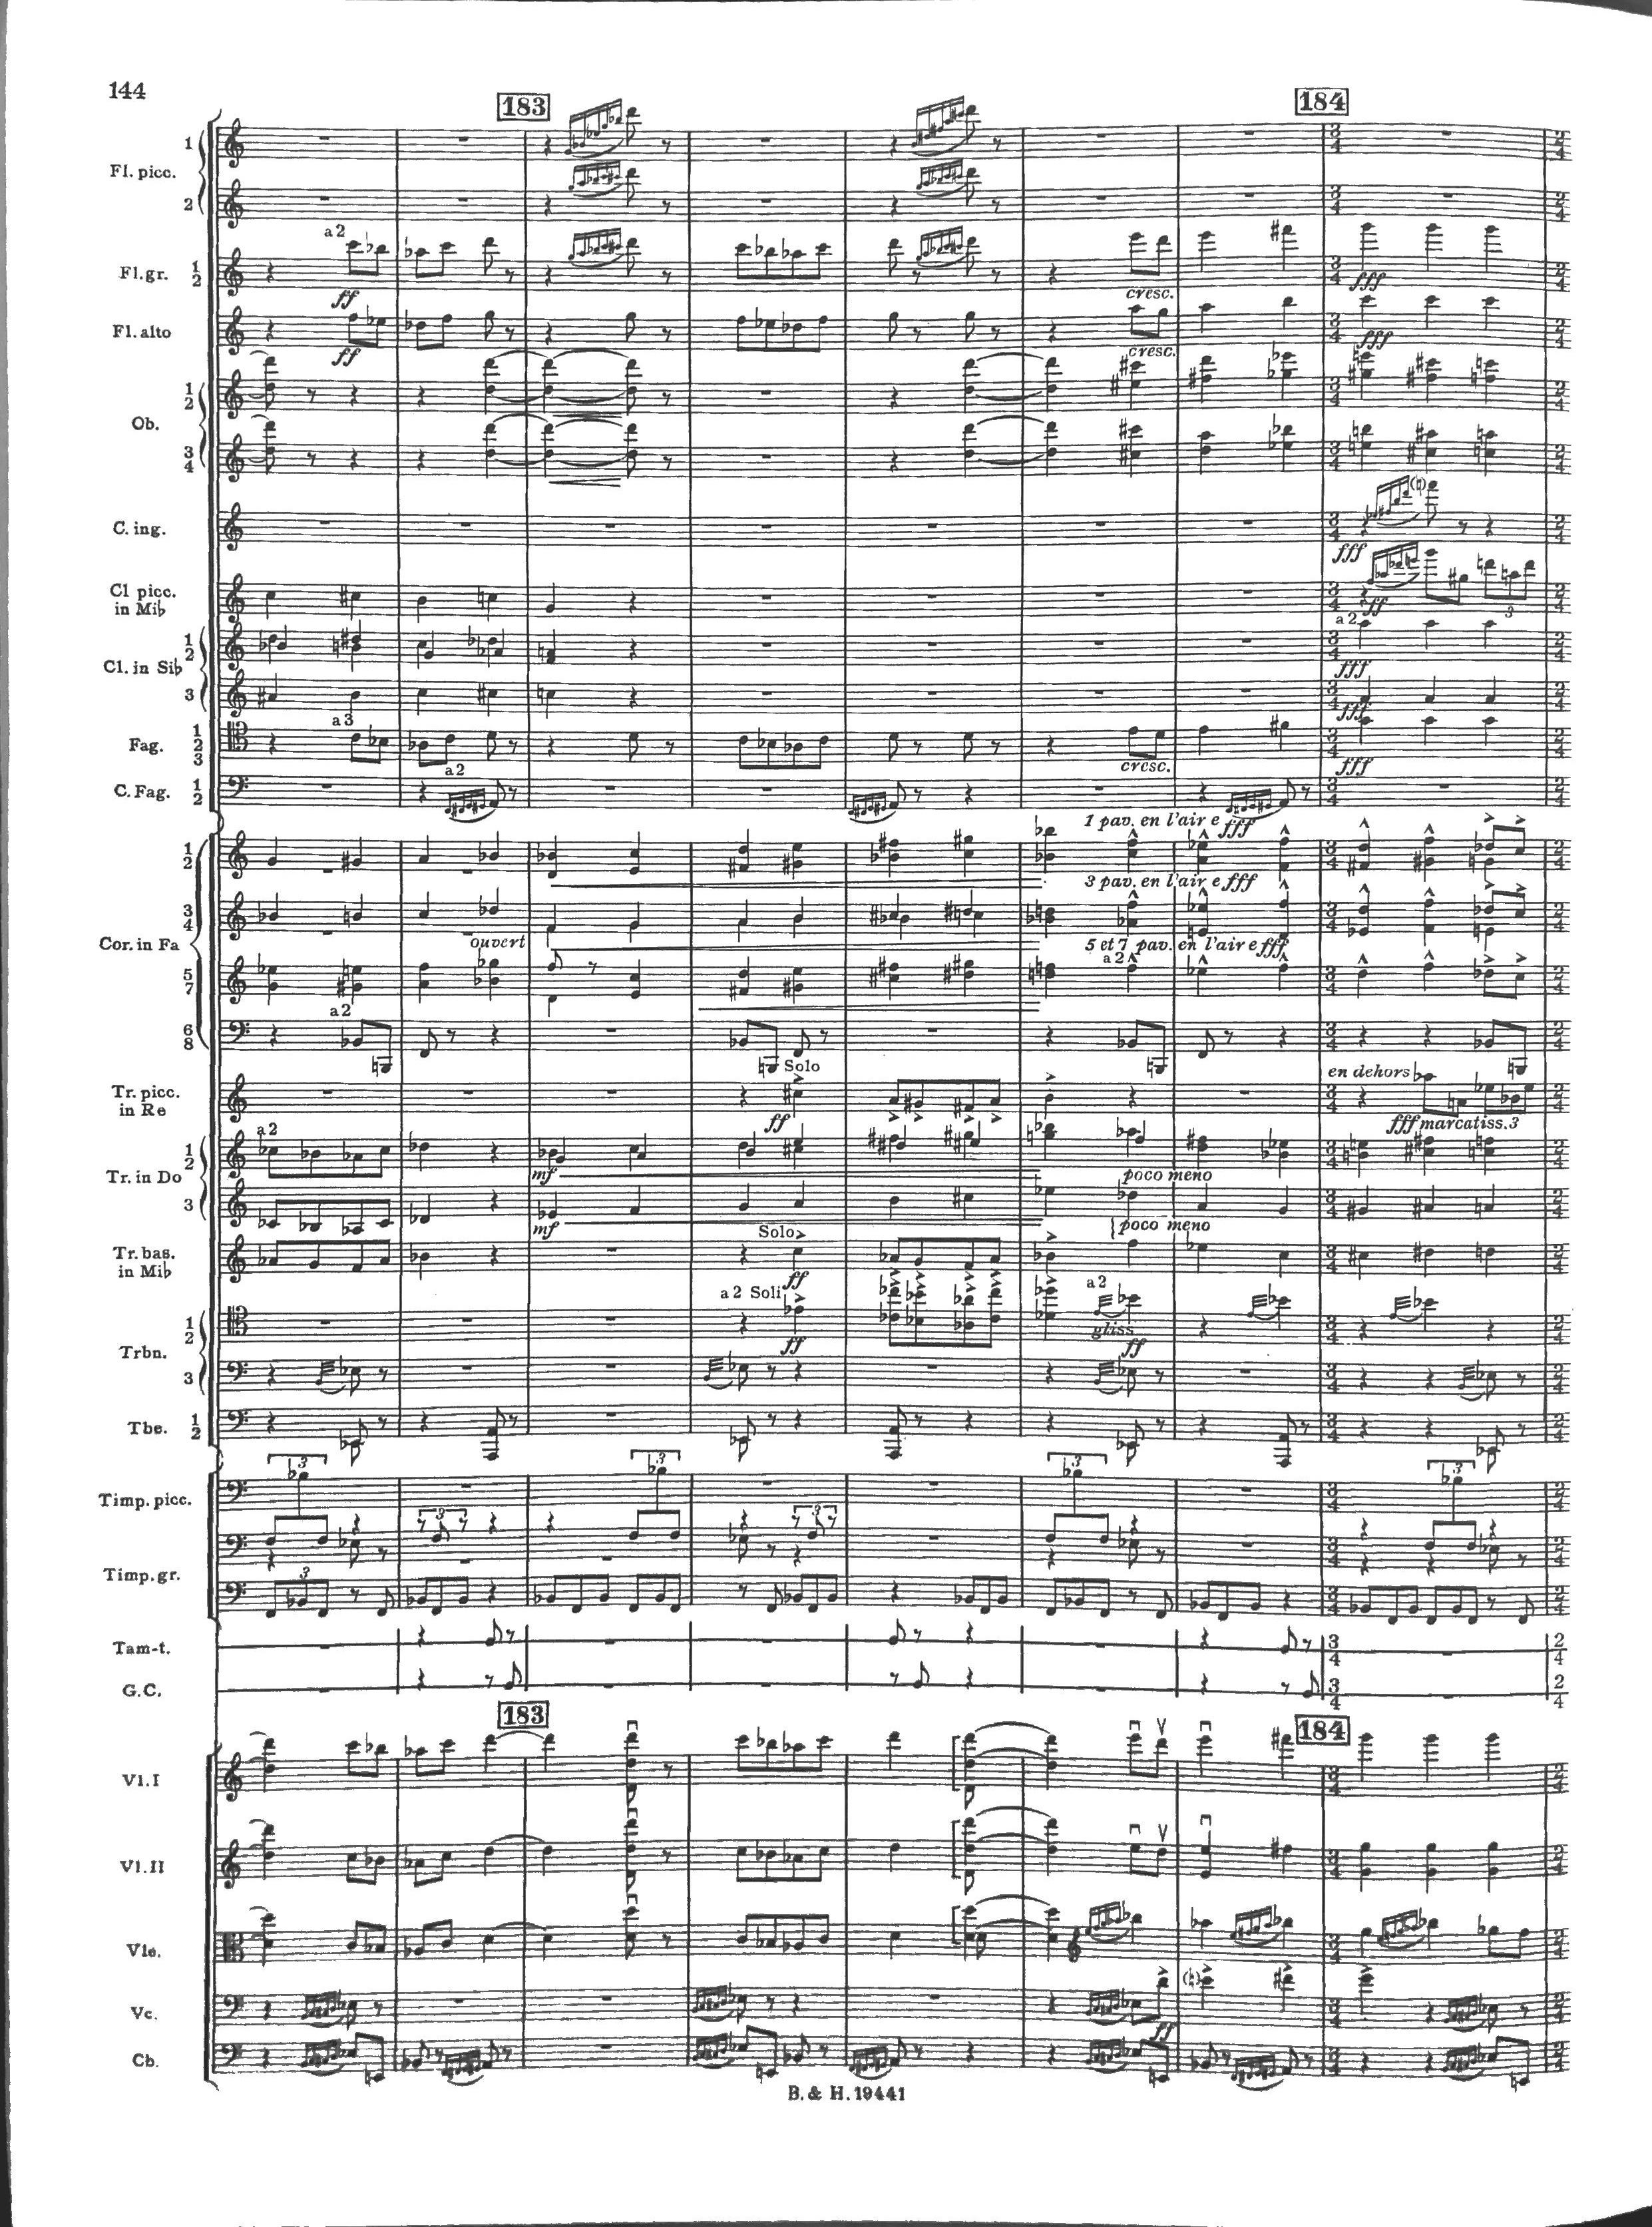 Partition chef d'orchestre